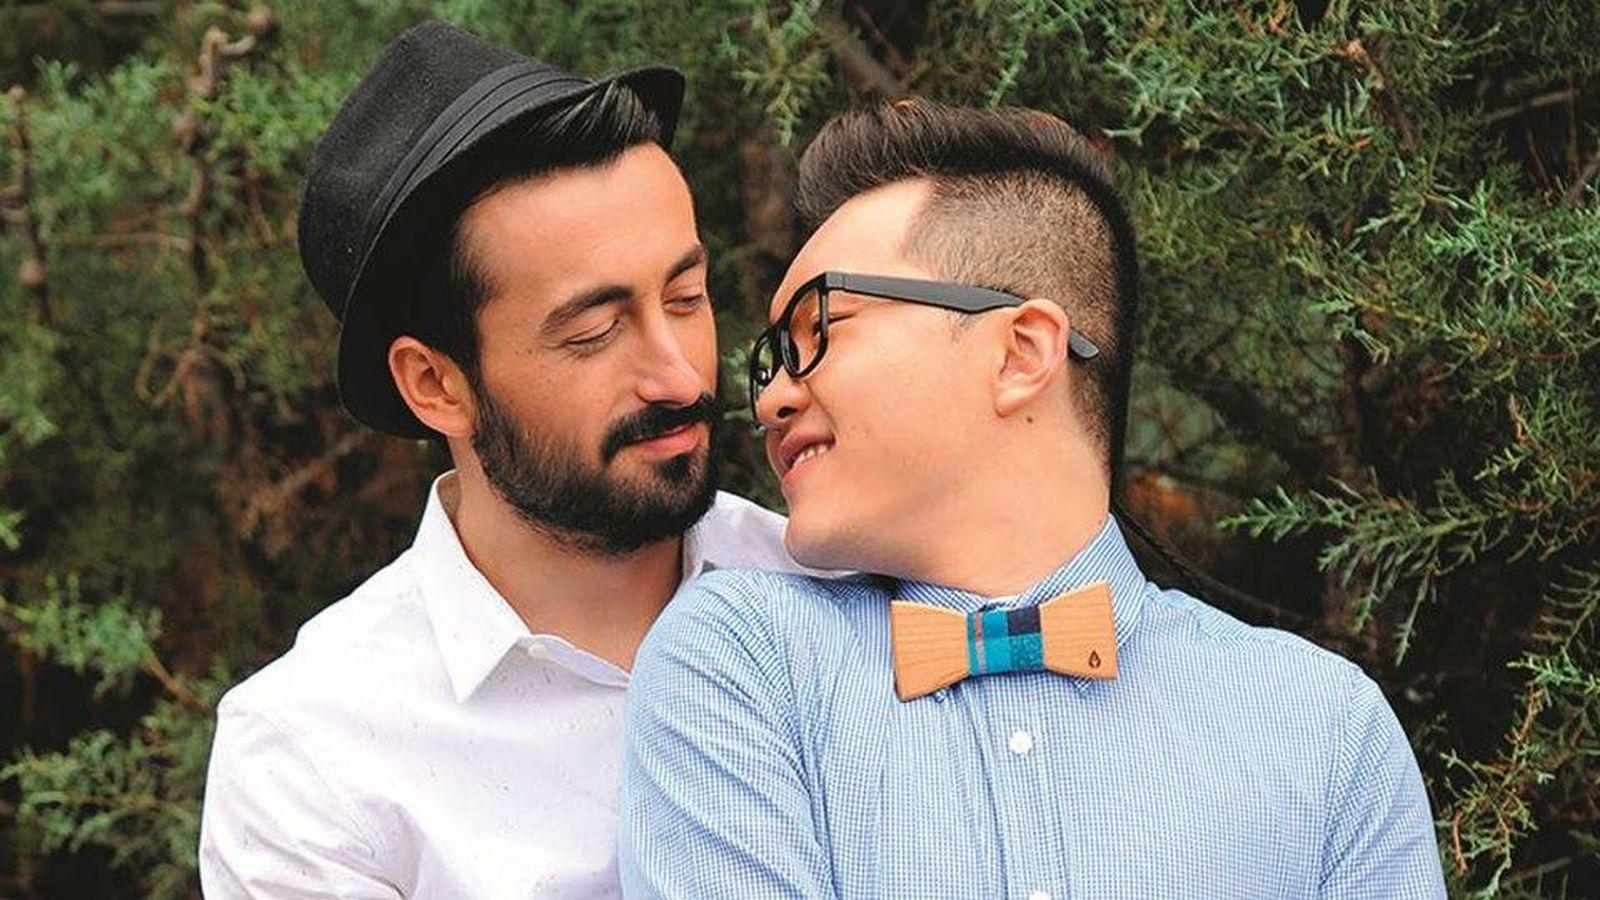 Foto: Han y Aritz, concursantes de 'Gran Hermano 16'. (Lecturas)